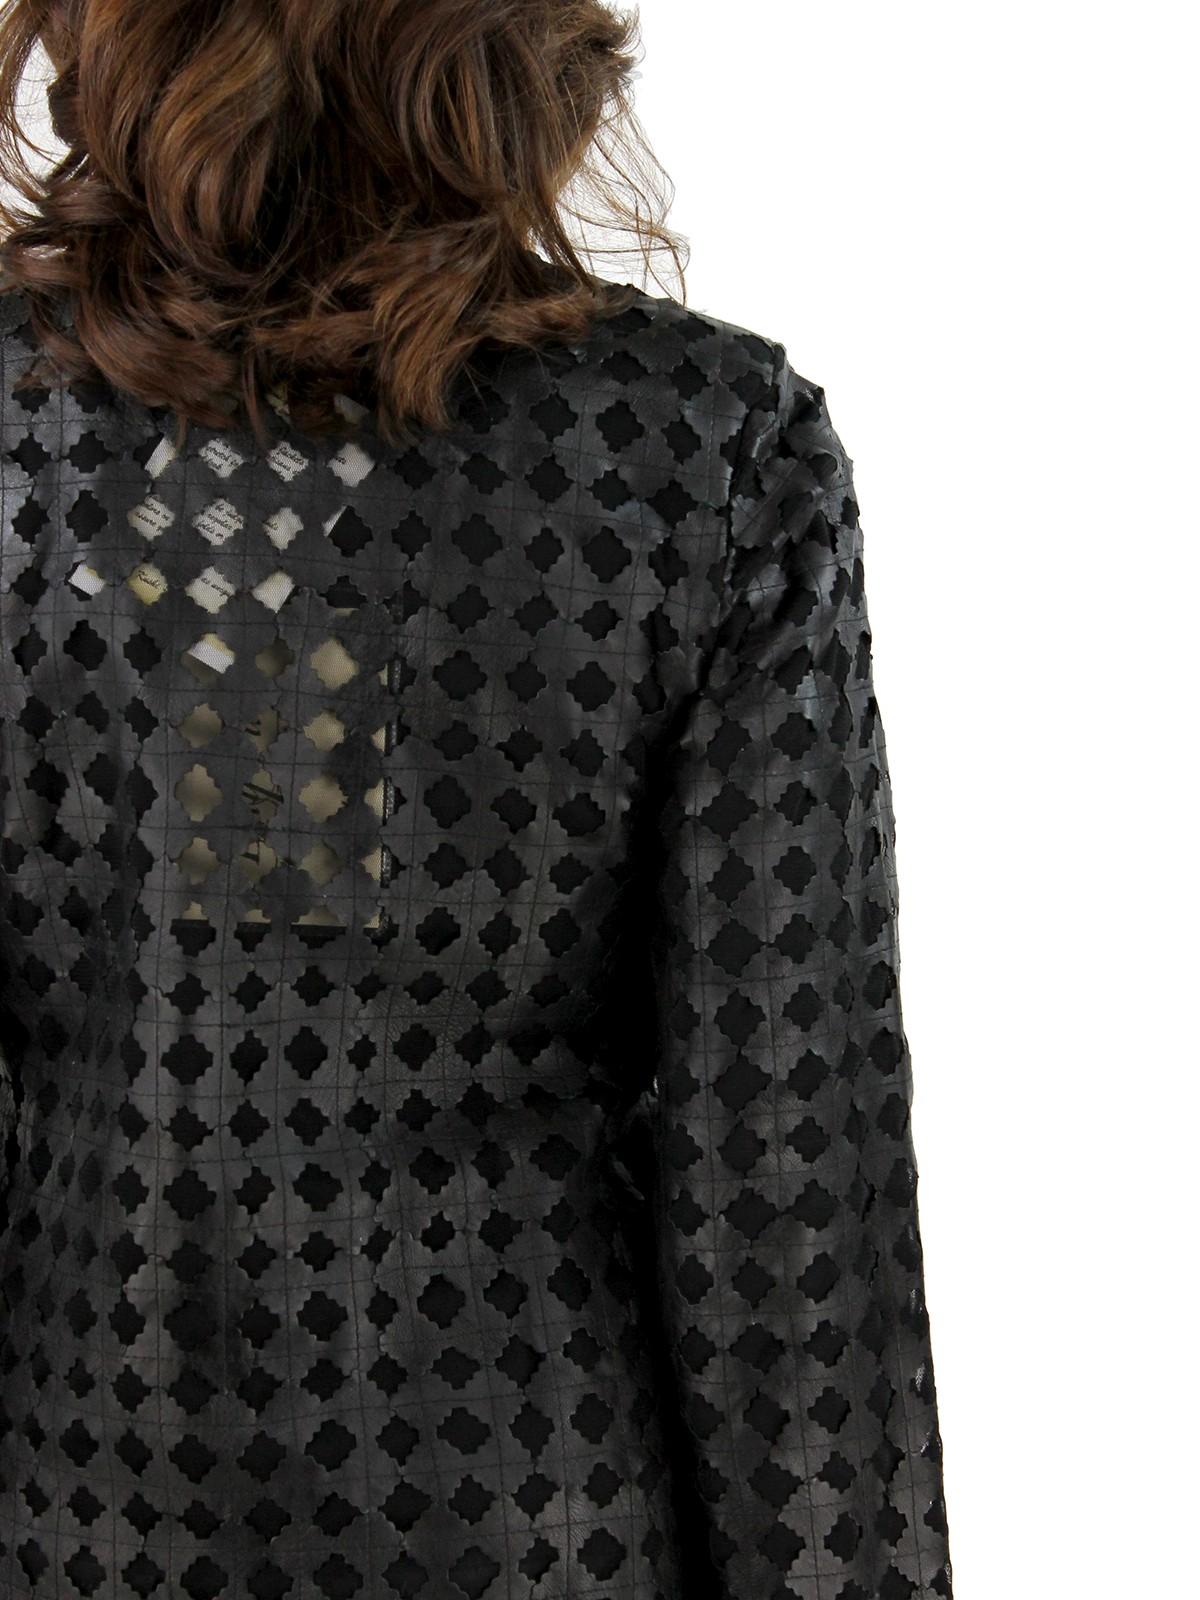 Black Leather Mesh Jacket